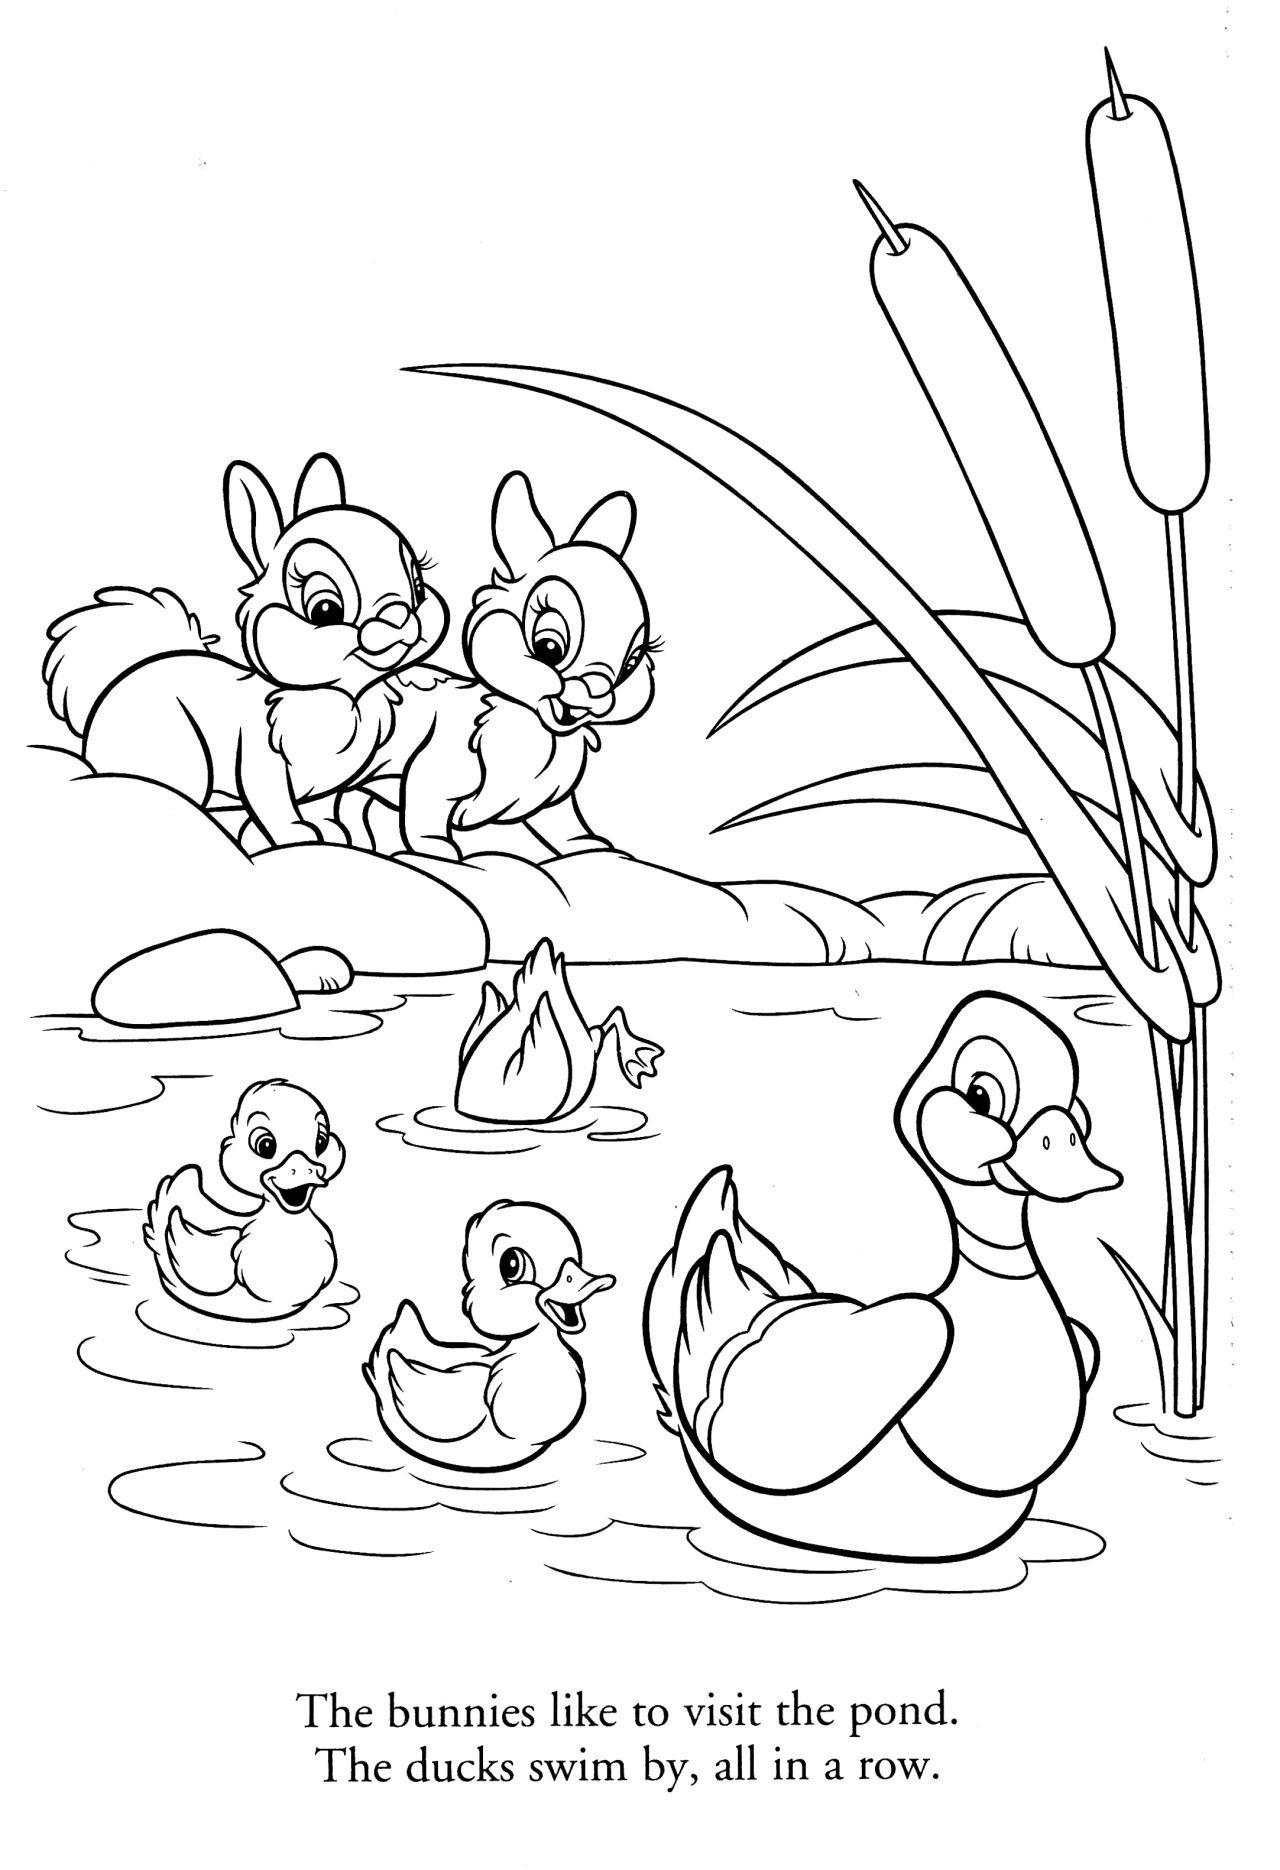 Disney Coloring Pages Malvorlage Dinosaurier Malvorlagen Disney Malvorlage Auto Malvorlage Stern Ma Disney Malvorlagen Ausmalbilder Kostenlose Ausmalbilder